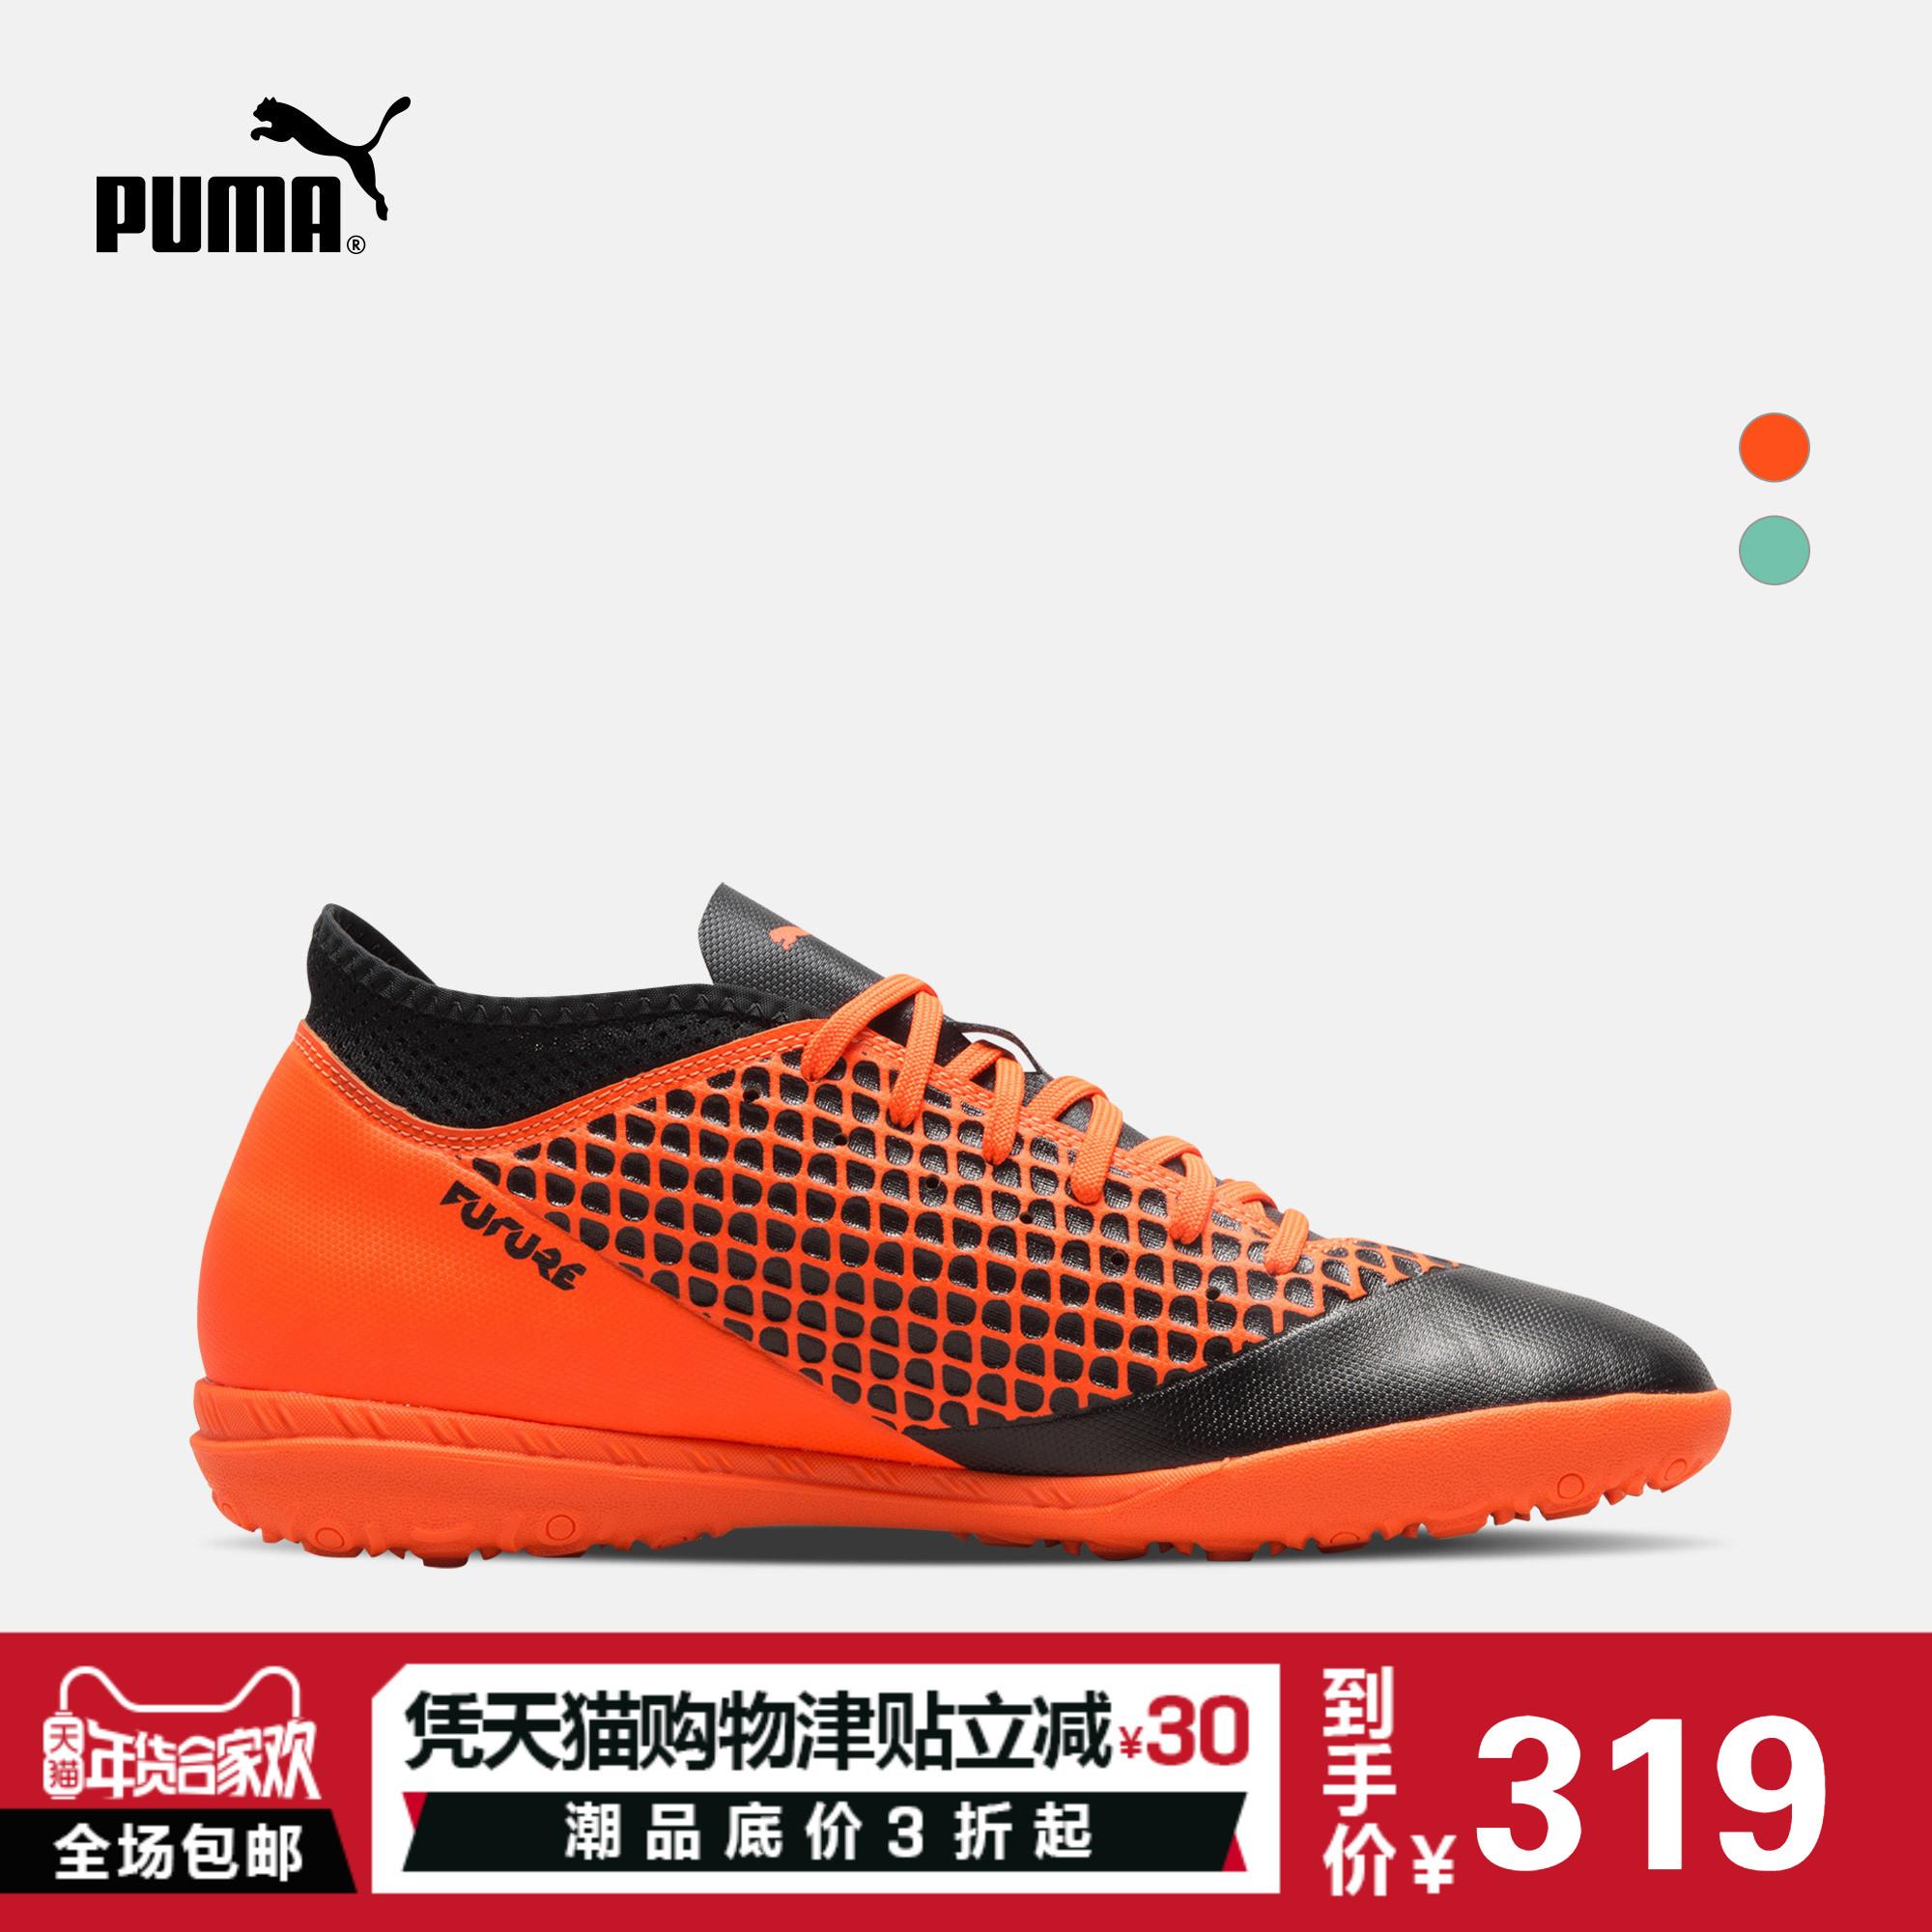 PUMA彪马官方 男子足球鞋 FUTURE 2.4 TT 104841